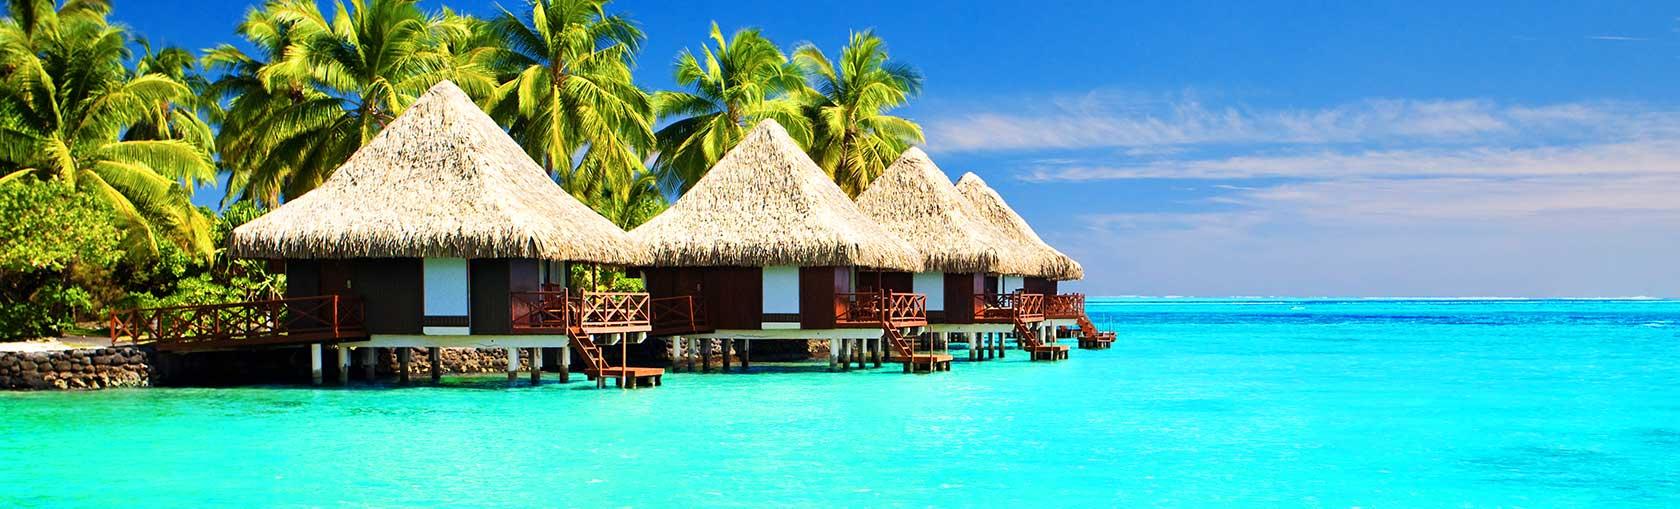 maldives resorts maldives holidays maldives holiday packages